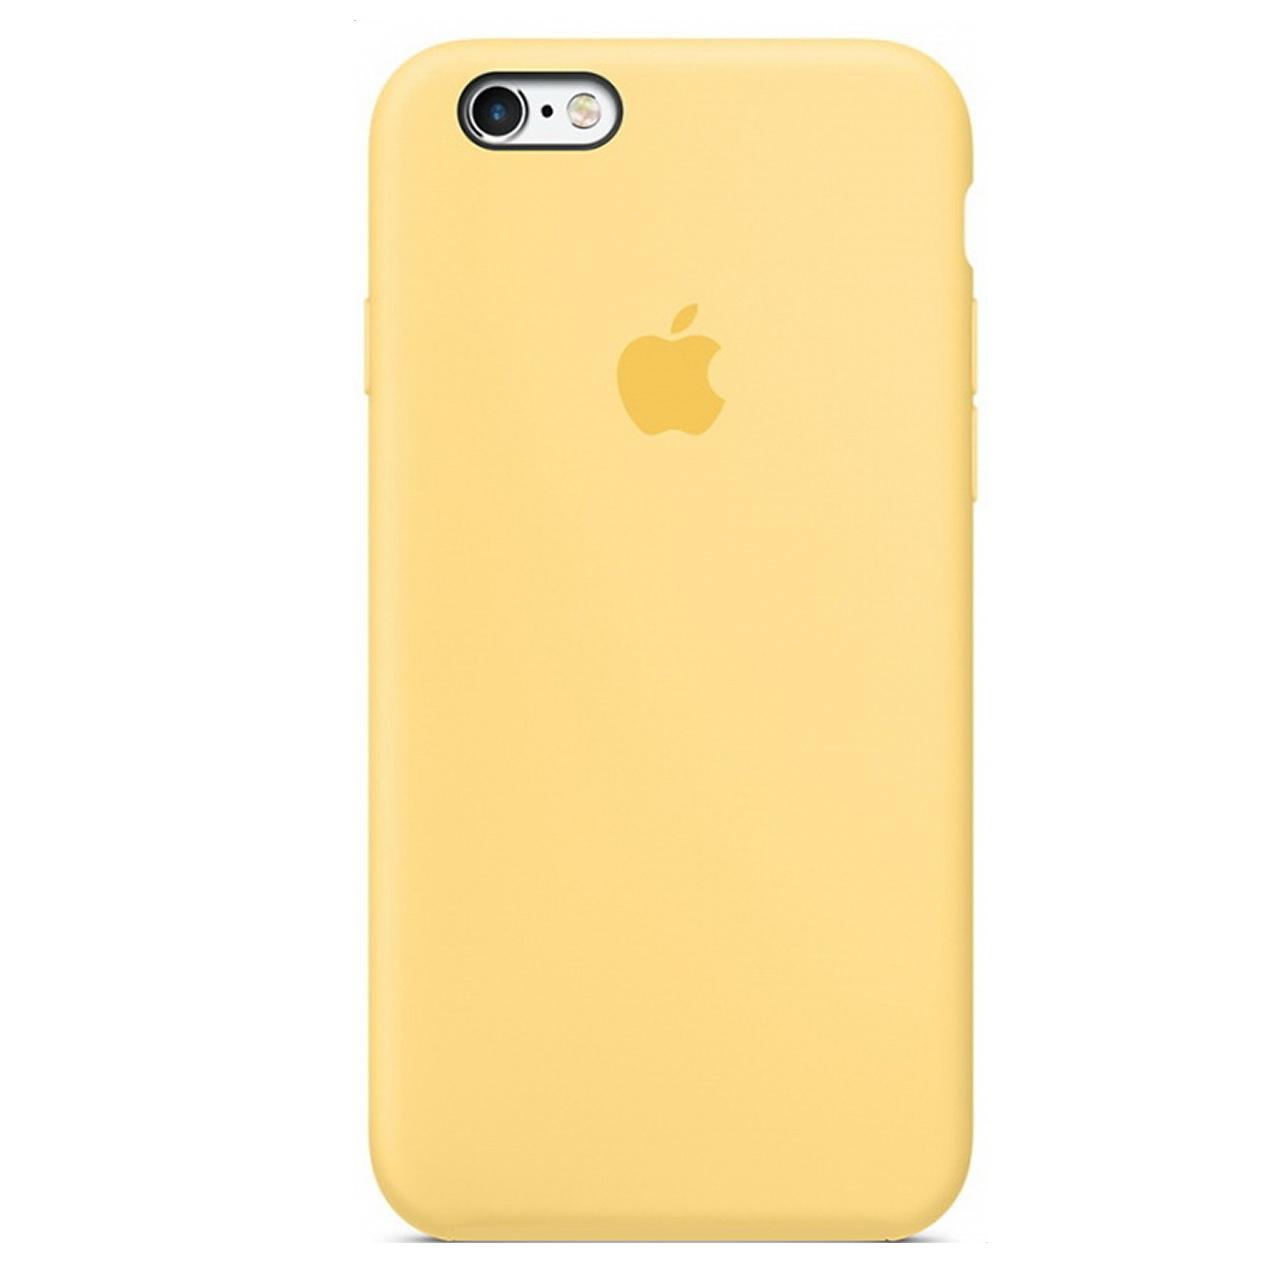 کاور سیلیکونی مدل SC مناسب برای گوشی موبایل اپل آیفون 6Plus / 6S Plus              ( قیمت و خرید)